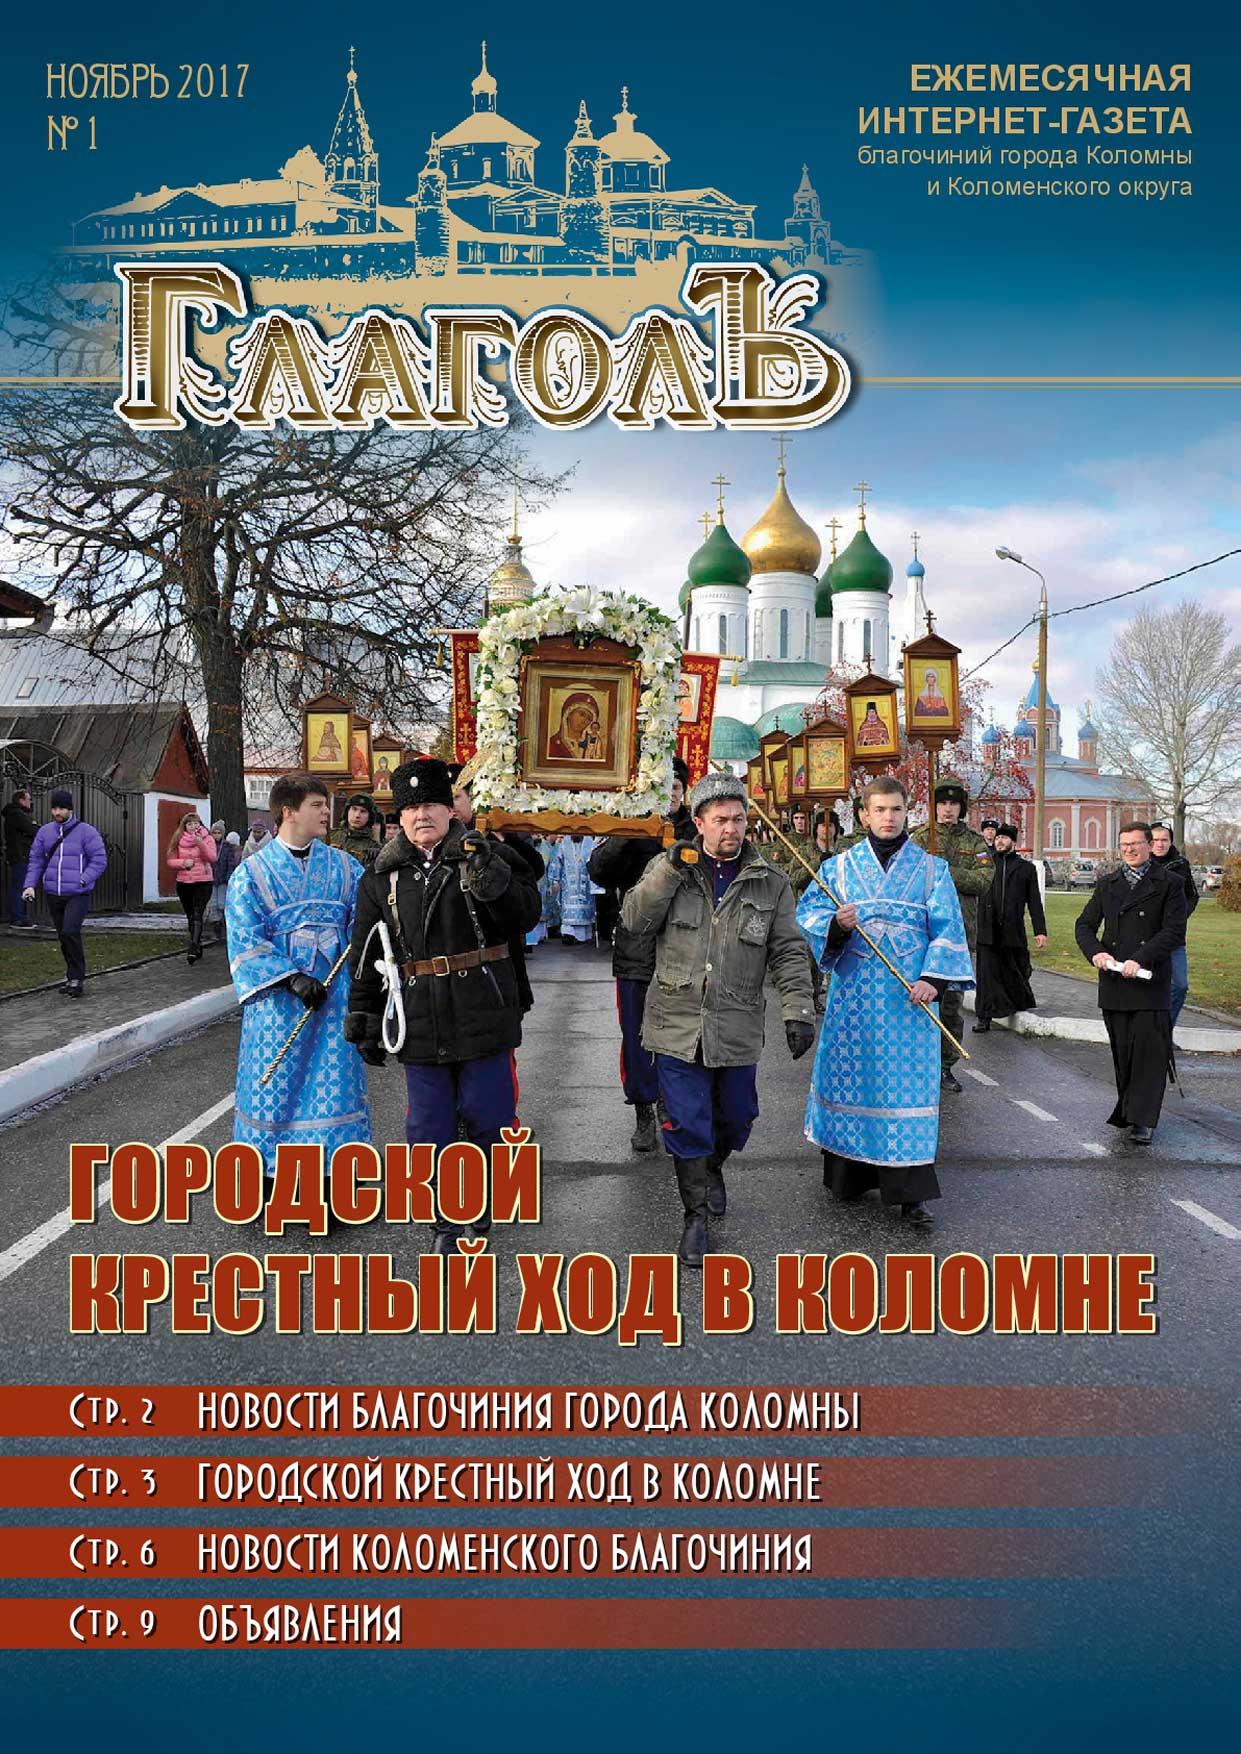 «Глаголъ», интернет-газета благочиний города Коломны и Коломенского округа